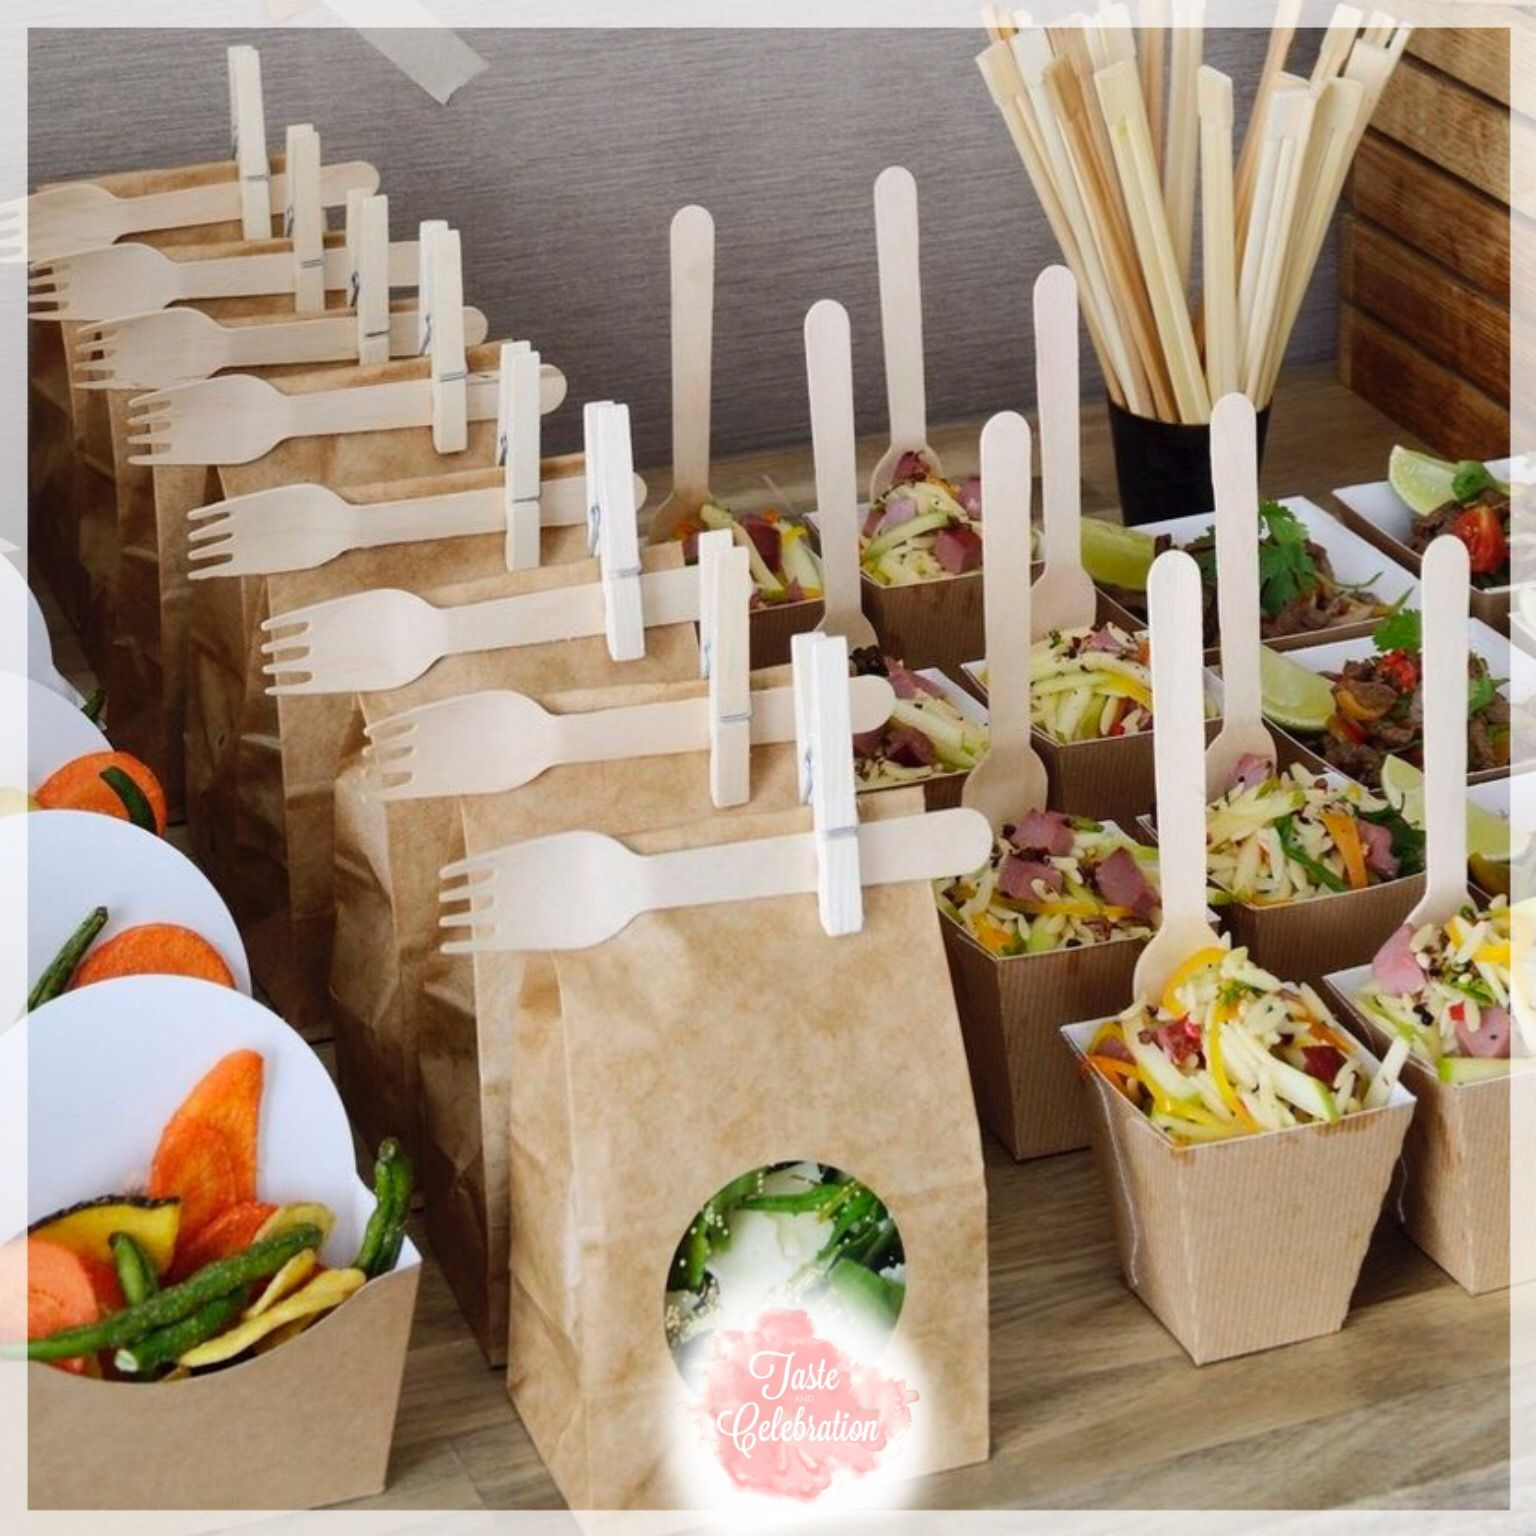 Os Hemos Ensenado Mesasdedulces Mesas Saladas Y Por Que No Enfocarlas A Un Ambito Mas Saludabl Food Truck Catering Food Truck Wedding Food Inspiration